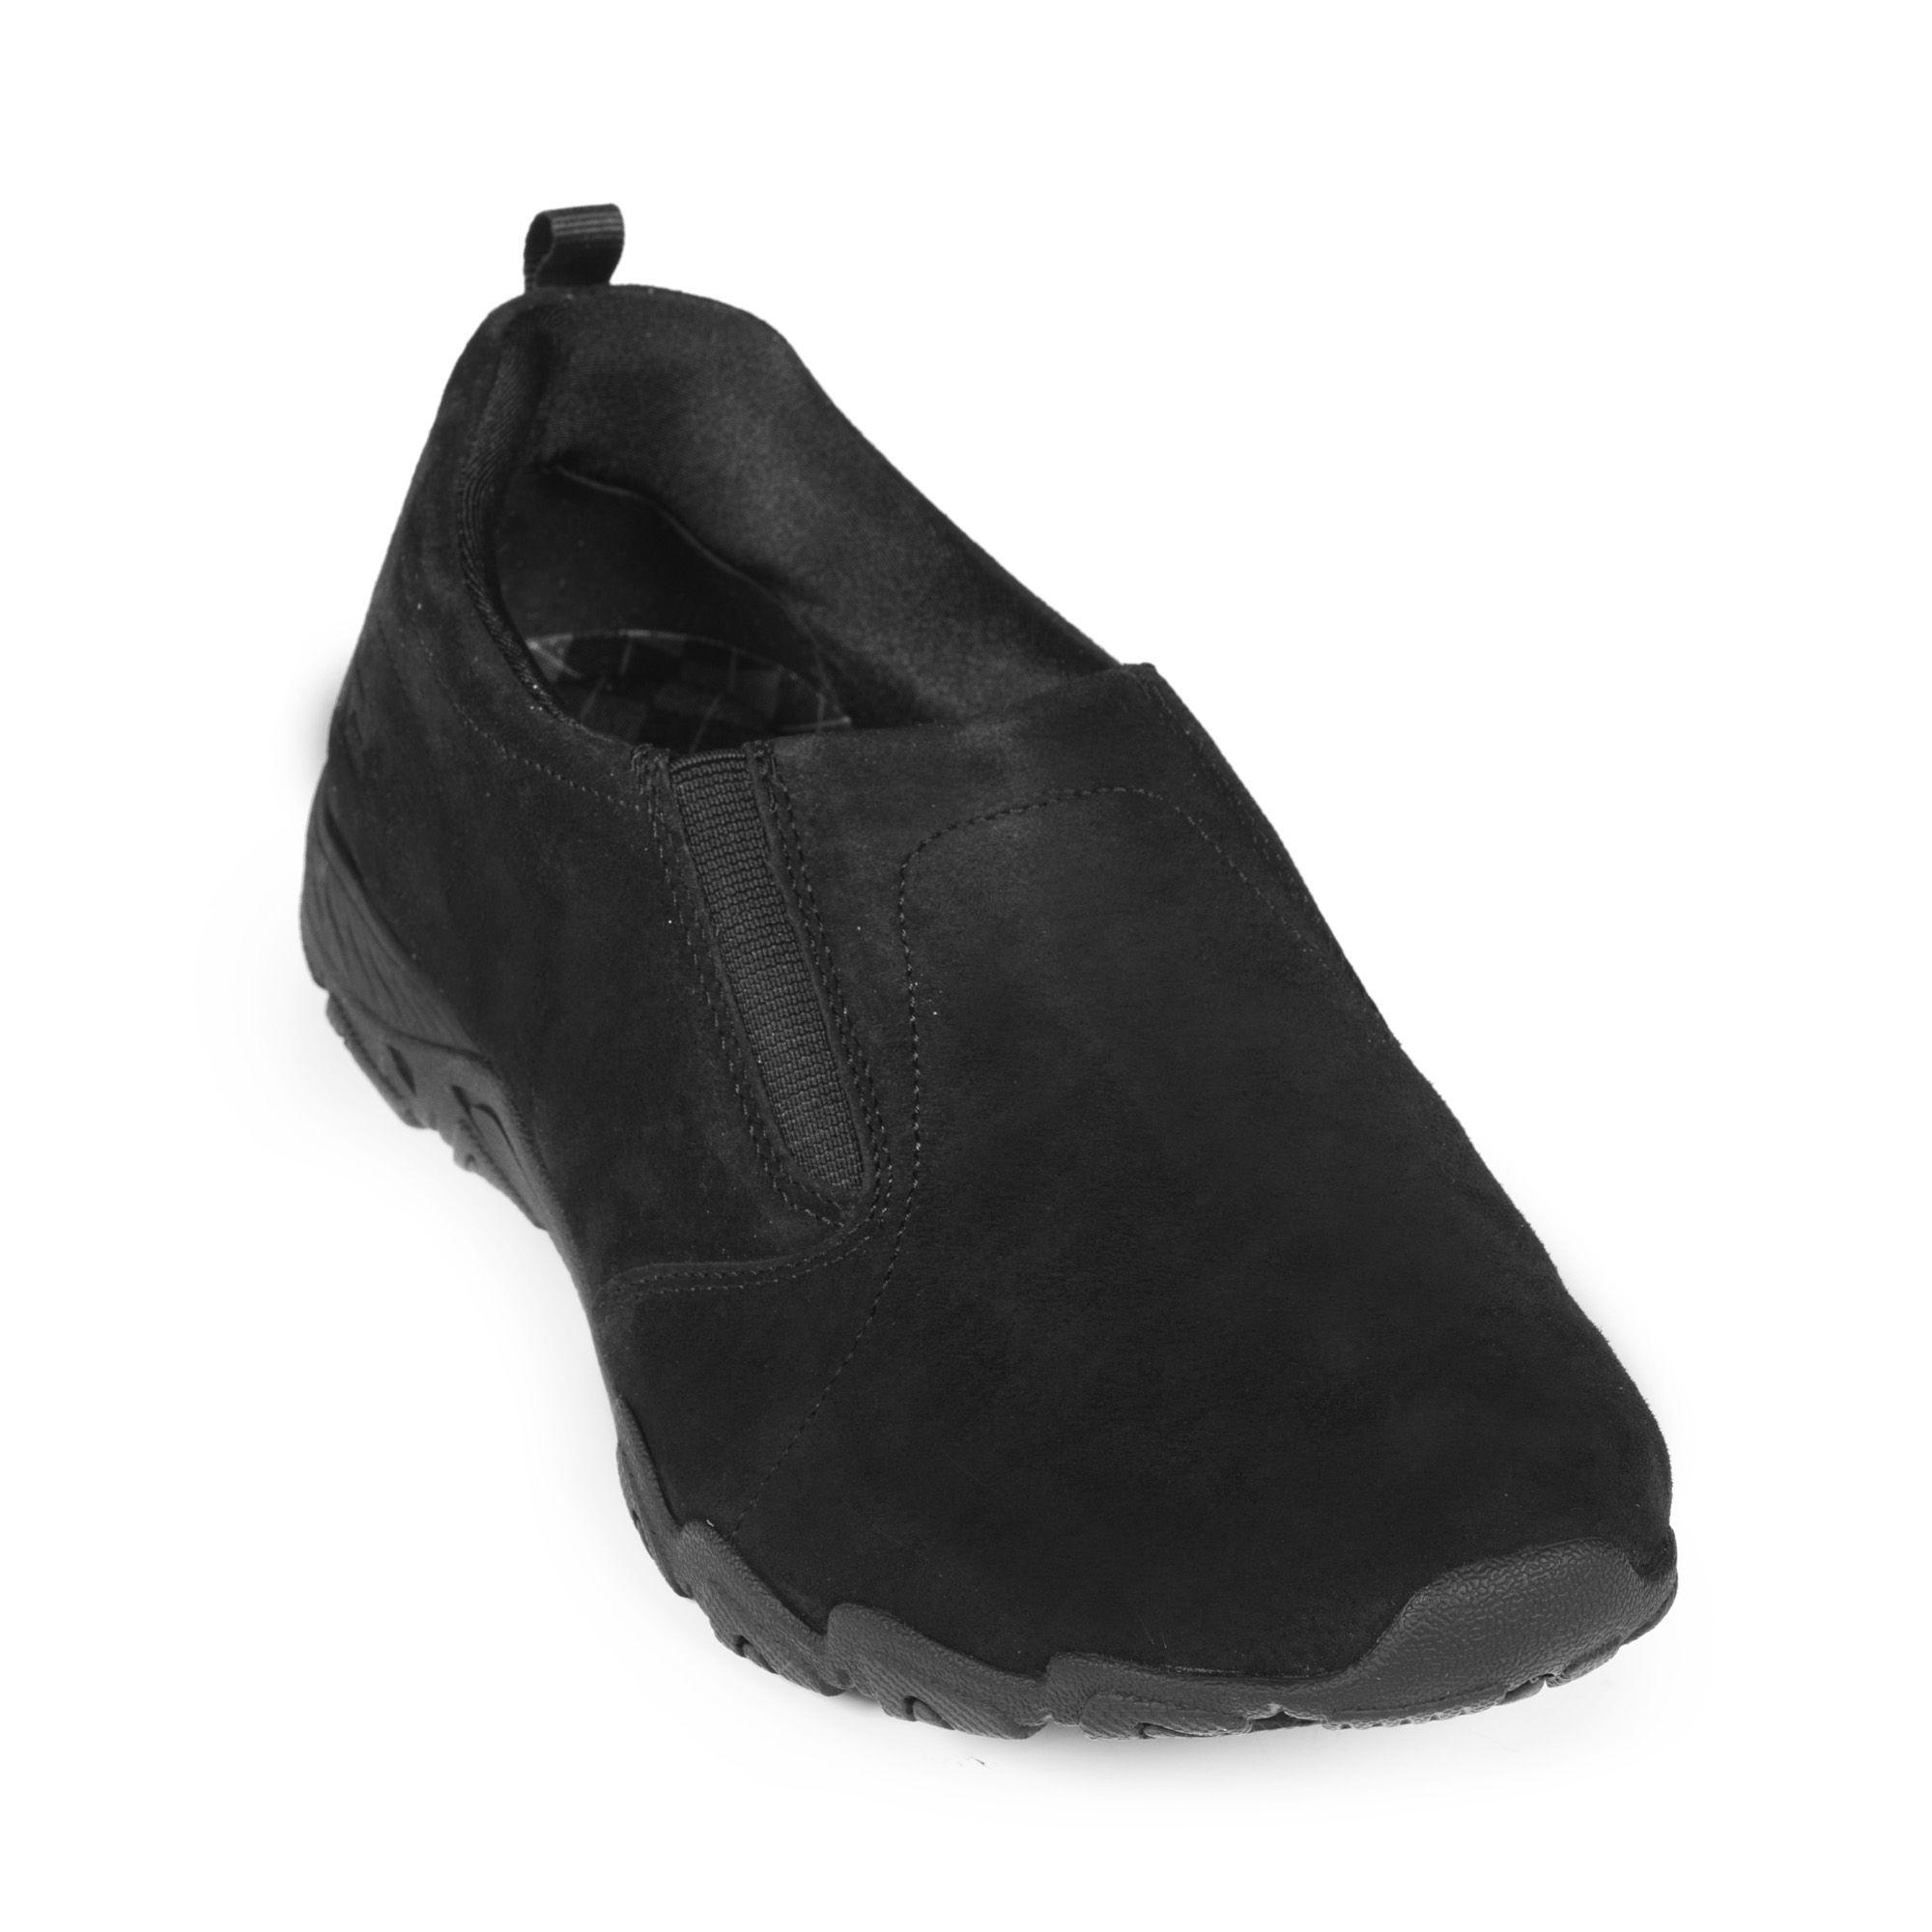 Skechers Memory Foam Solette